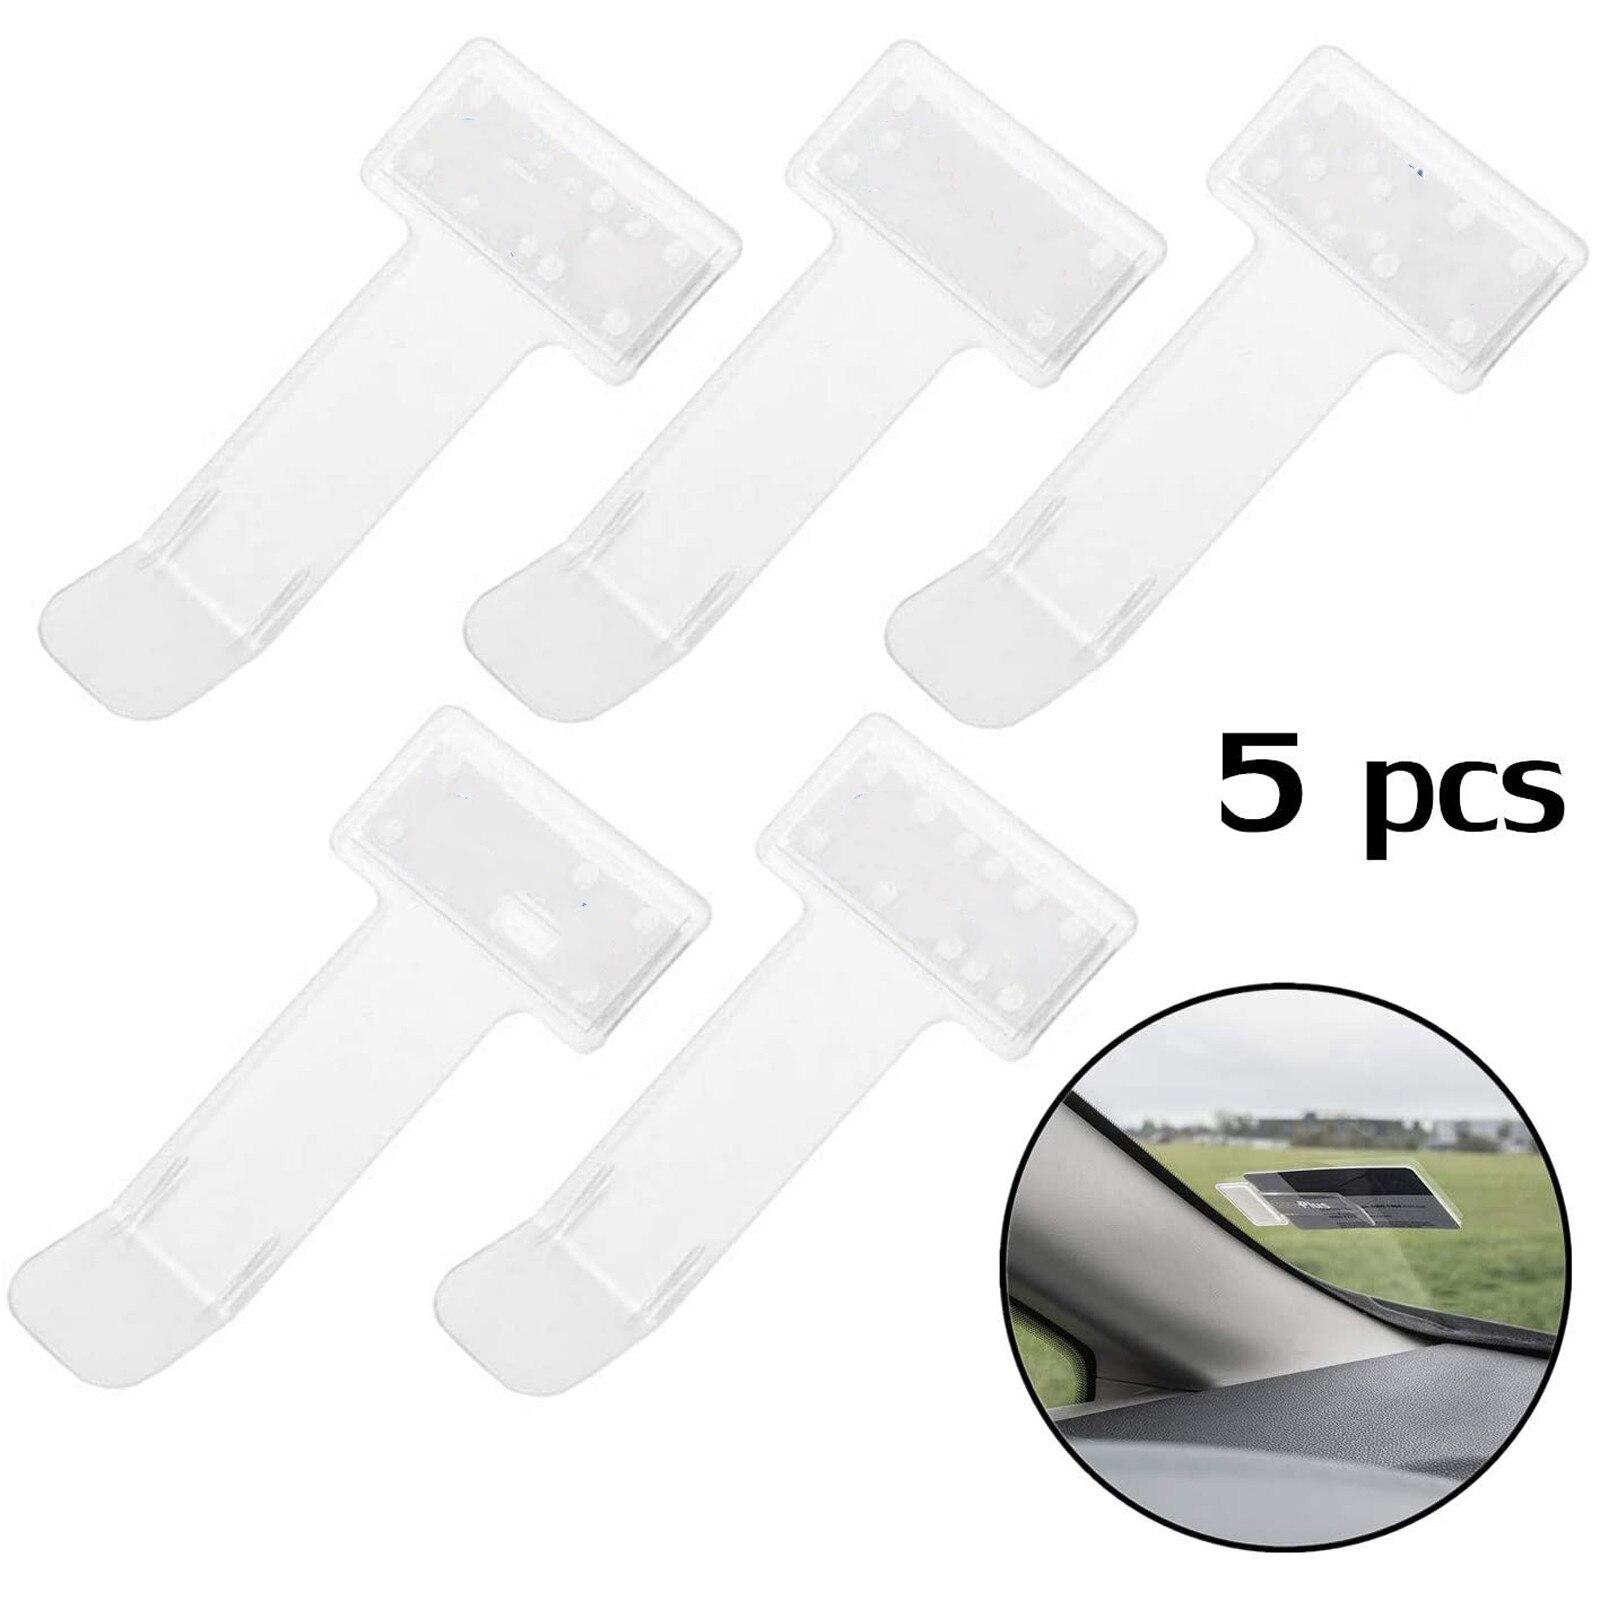 25# 5pcs Parking Ticket Clip Auto Fastener Card Bill Holder Organizer Windshield Stickers Car Ticket Holder Accessories